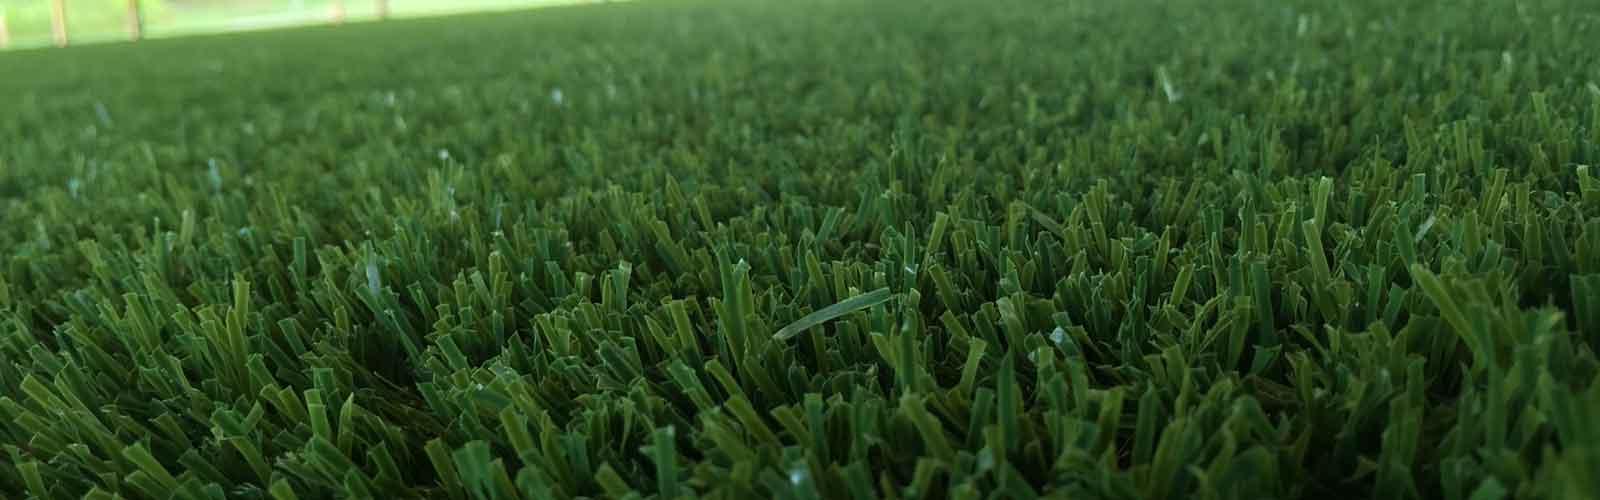 artificial grass, turf install